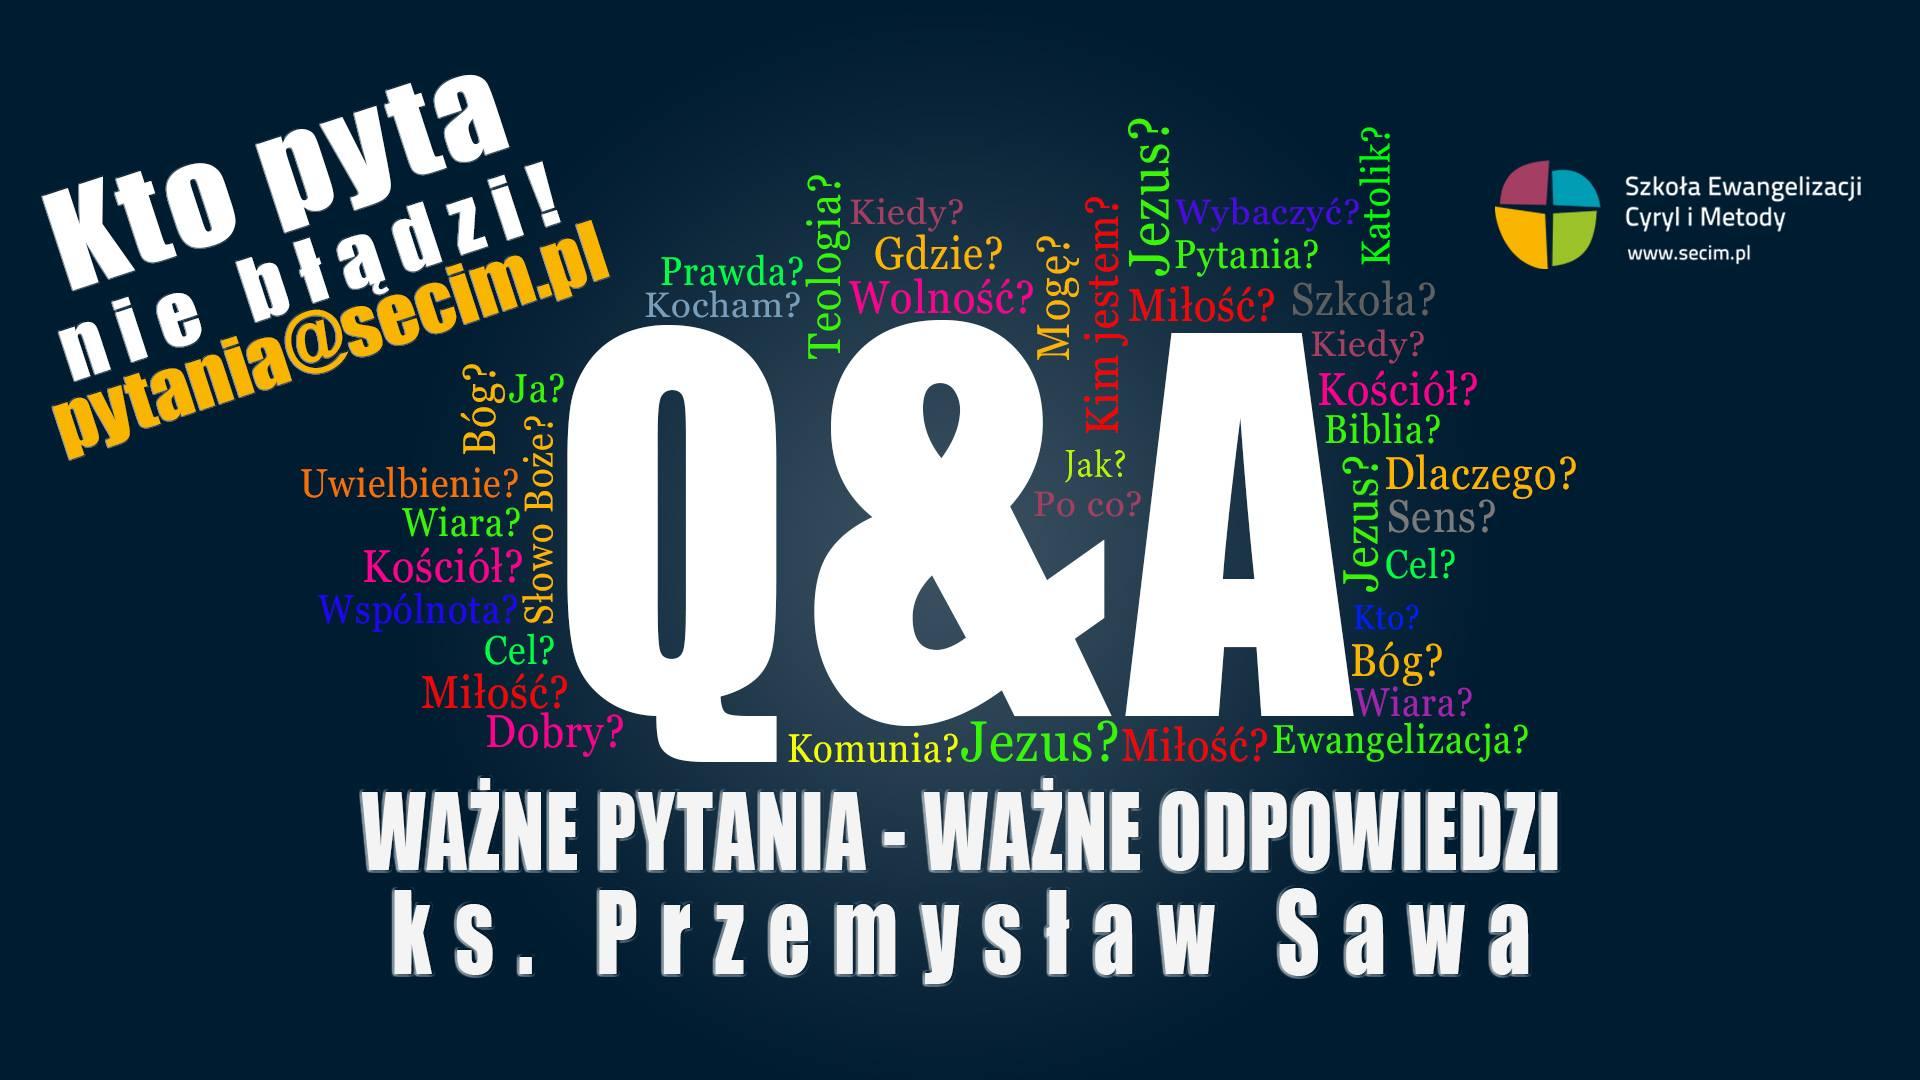 Q&A – Ważne pytania – ważne odpowiedzi odc. 4